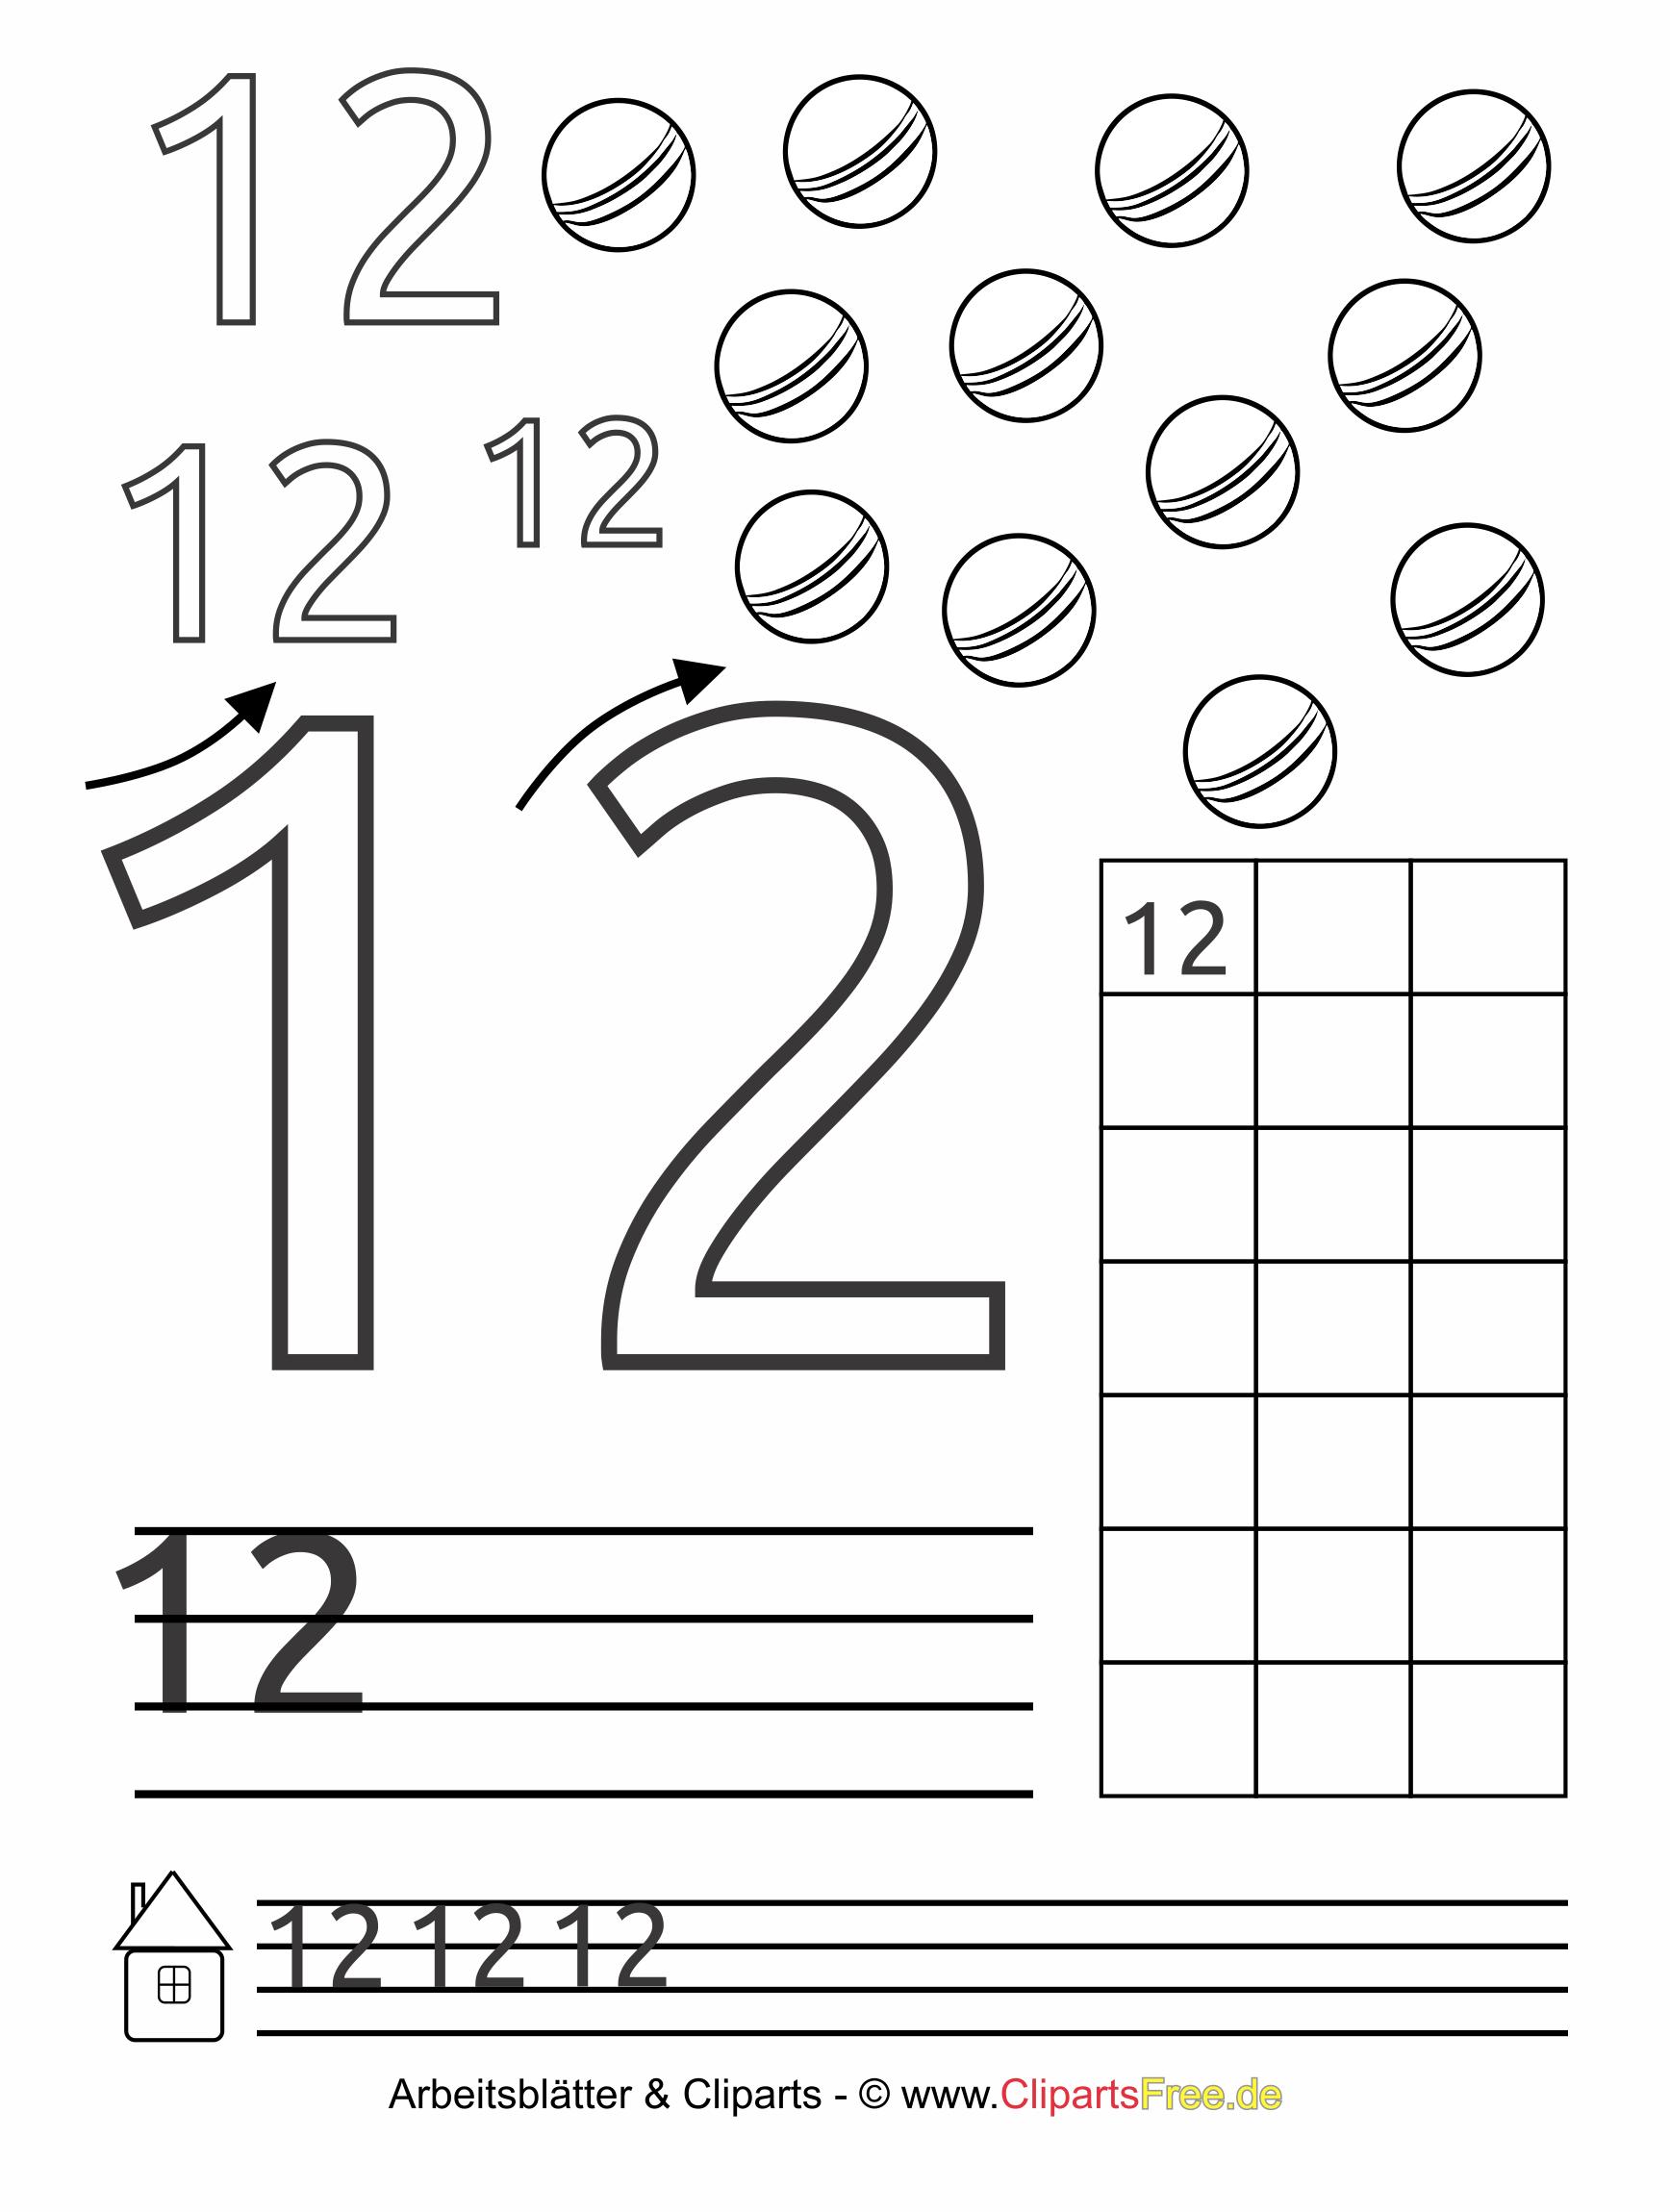 12 - Zahlen ausdrucken gratis